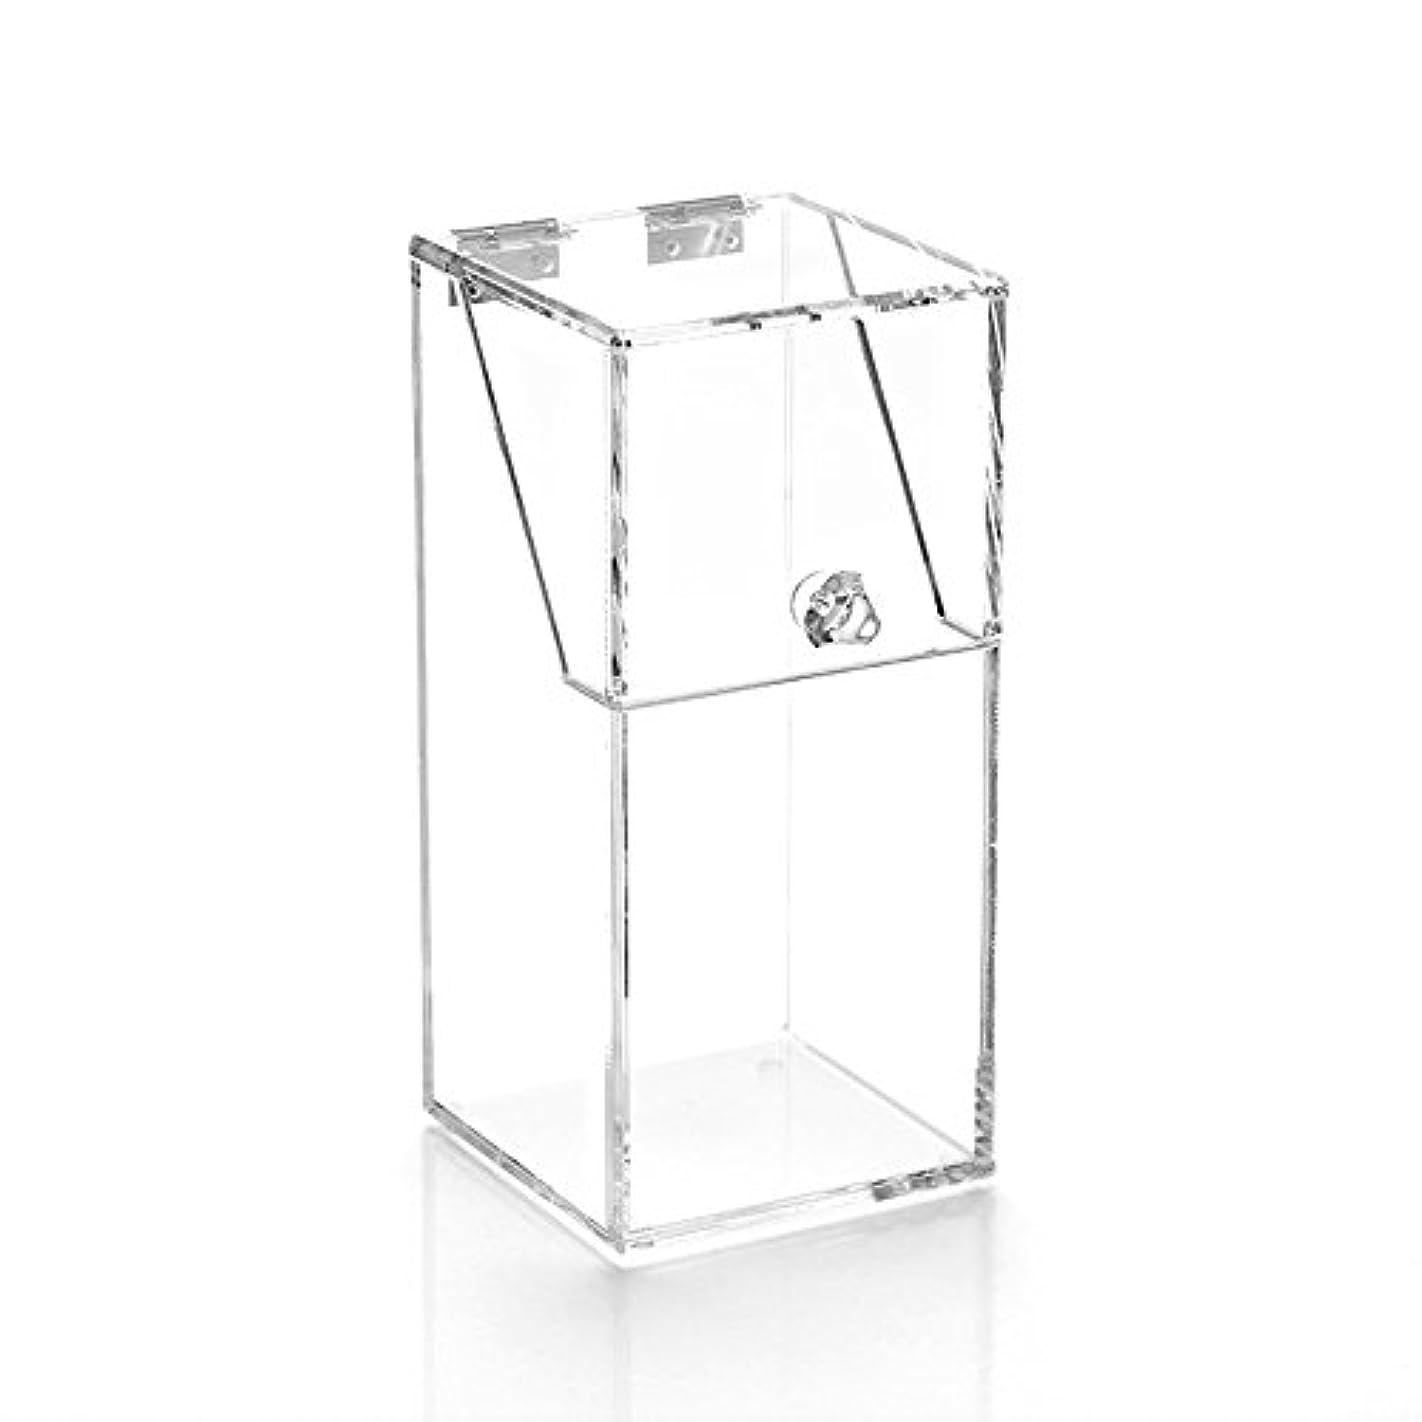 はぁ請求書昇るYouth Union ブラシ収納ボックス、大容量のストレージボックス透明なアクリル (10*10*21.5CM)